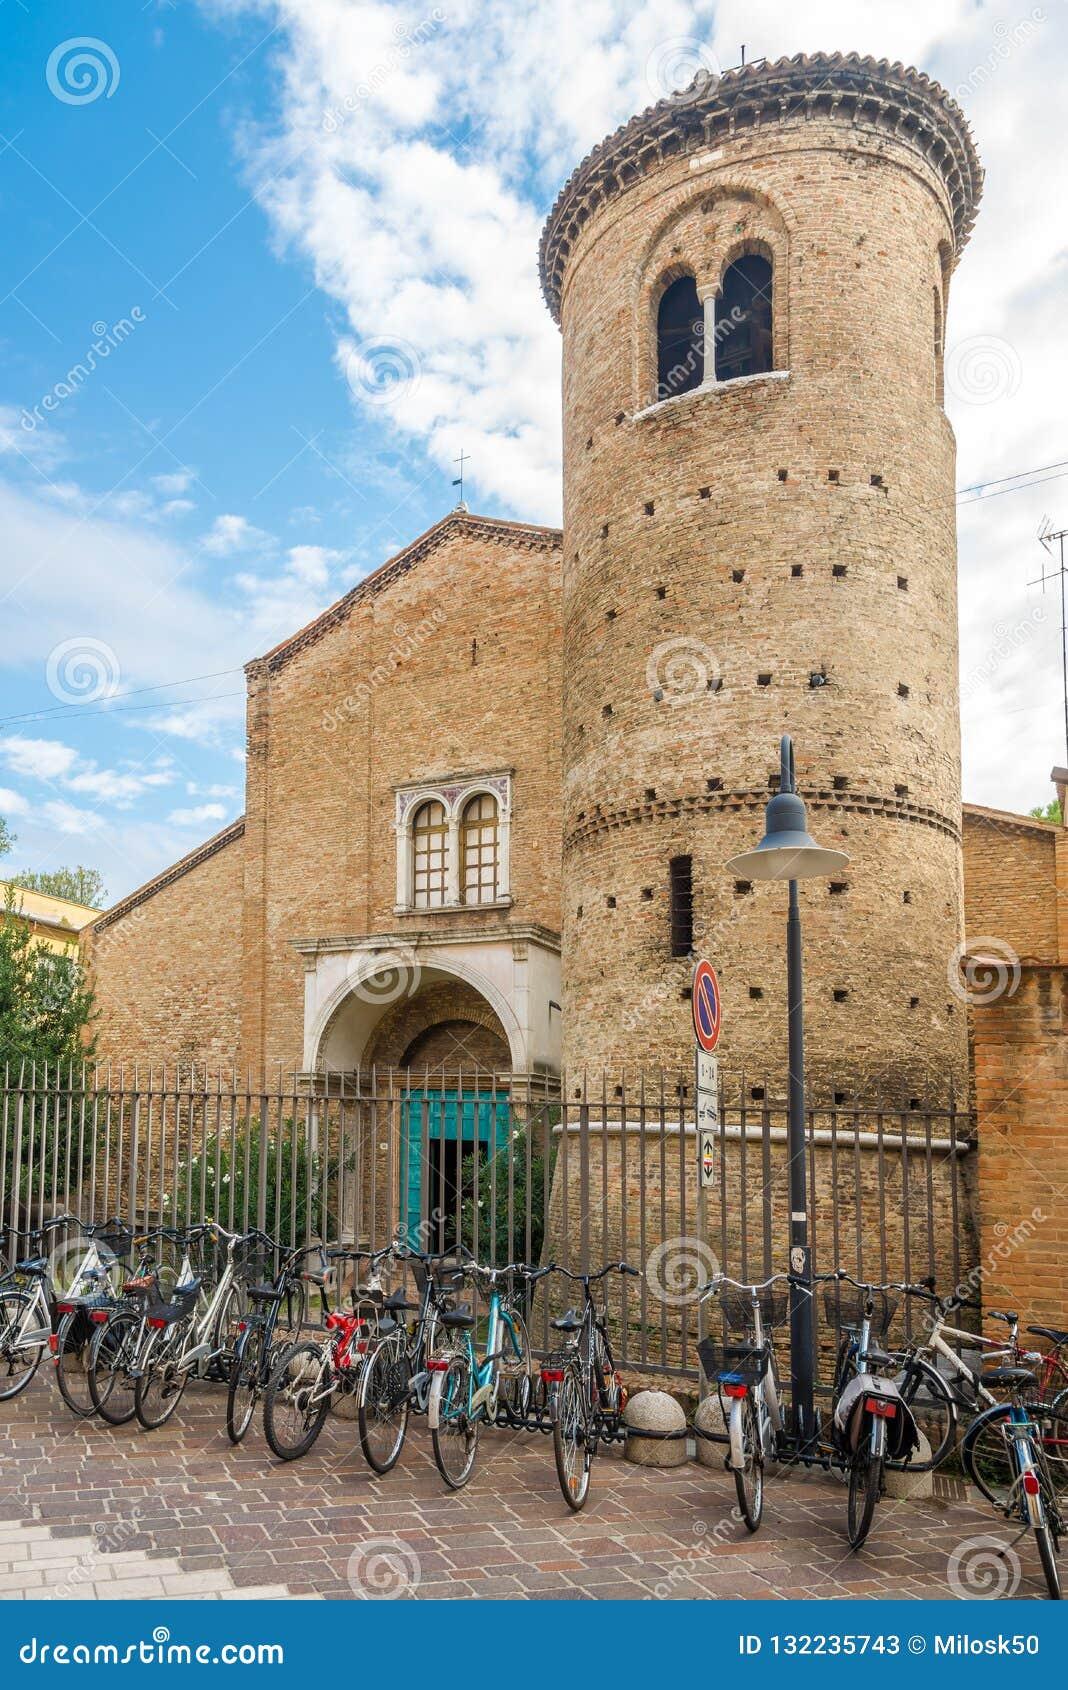 Sikt på kyrkan av helgonet Agata i Ravenna - Italien